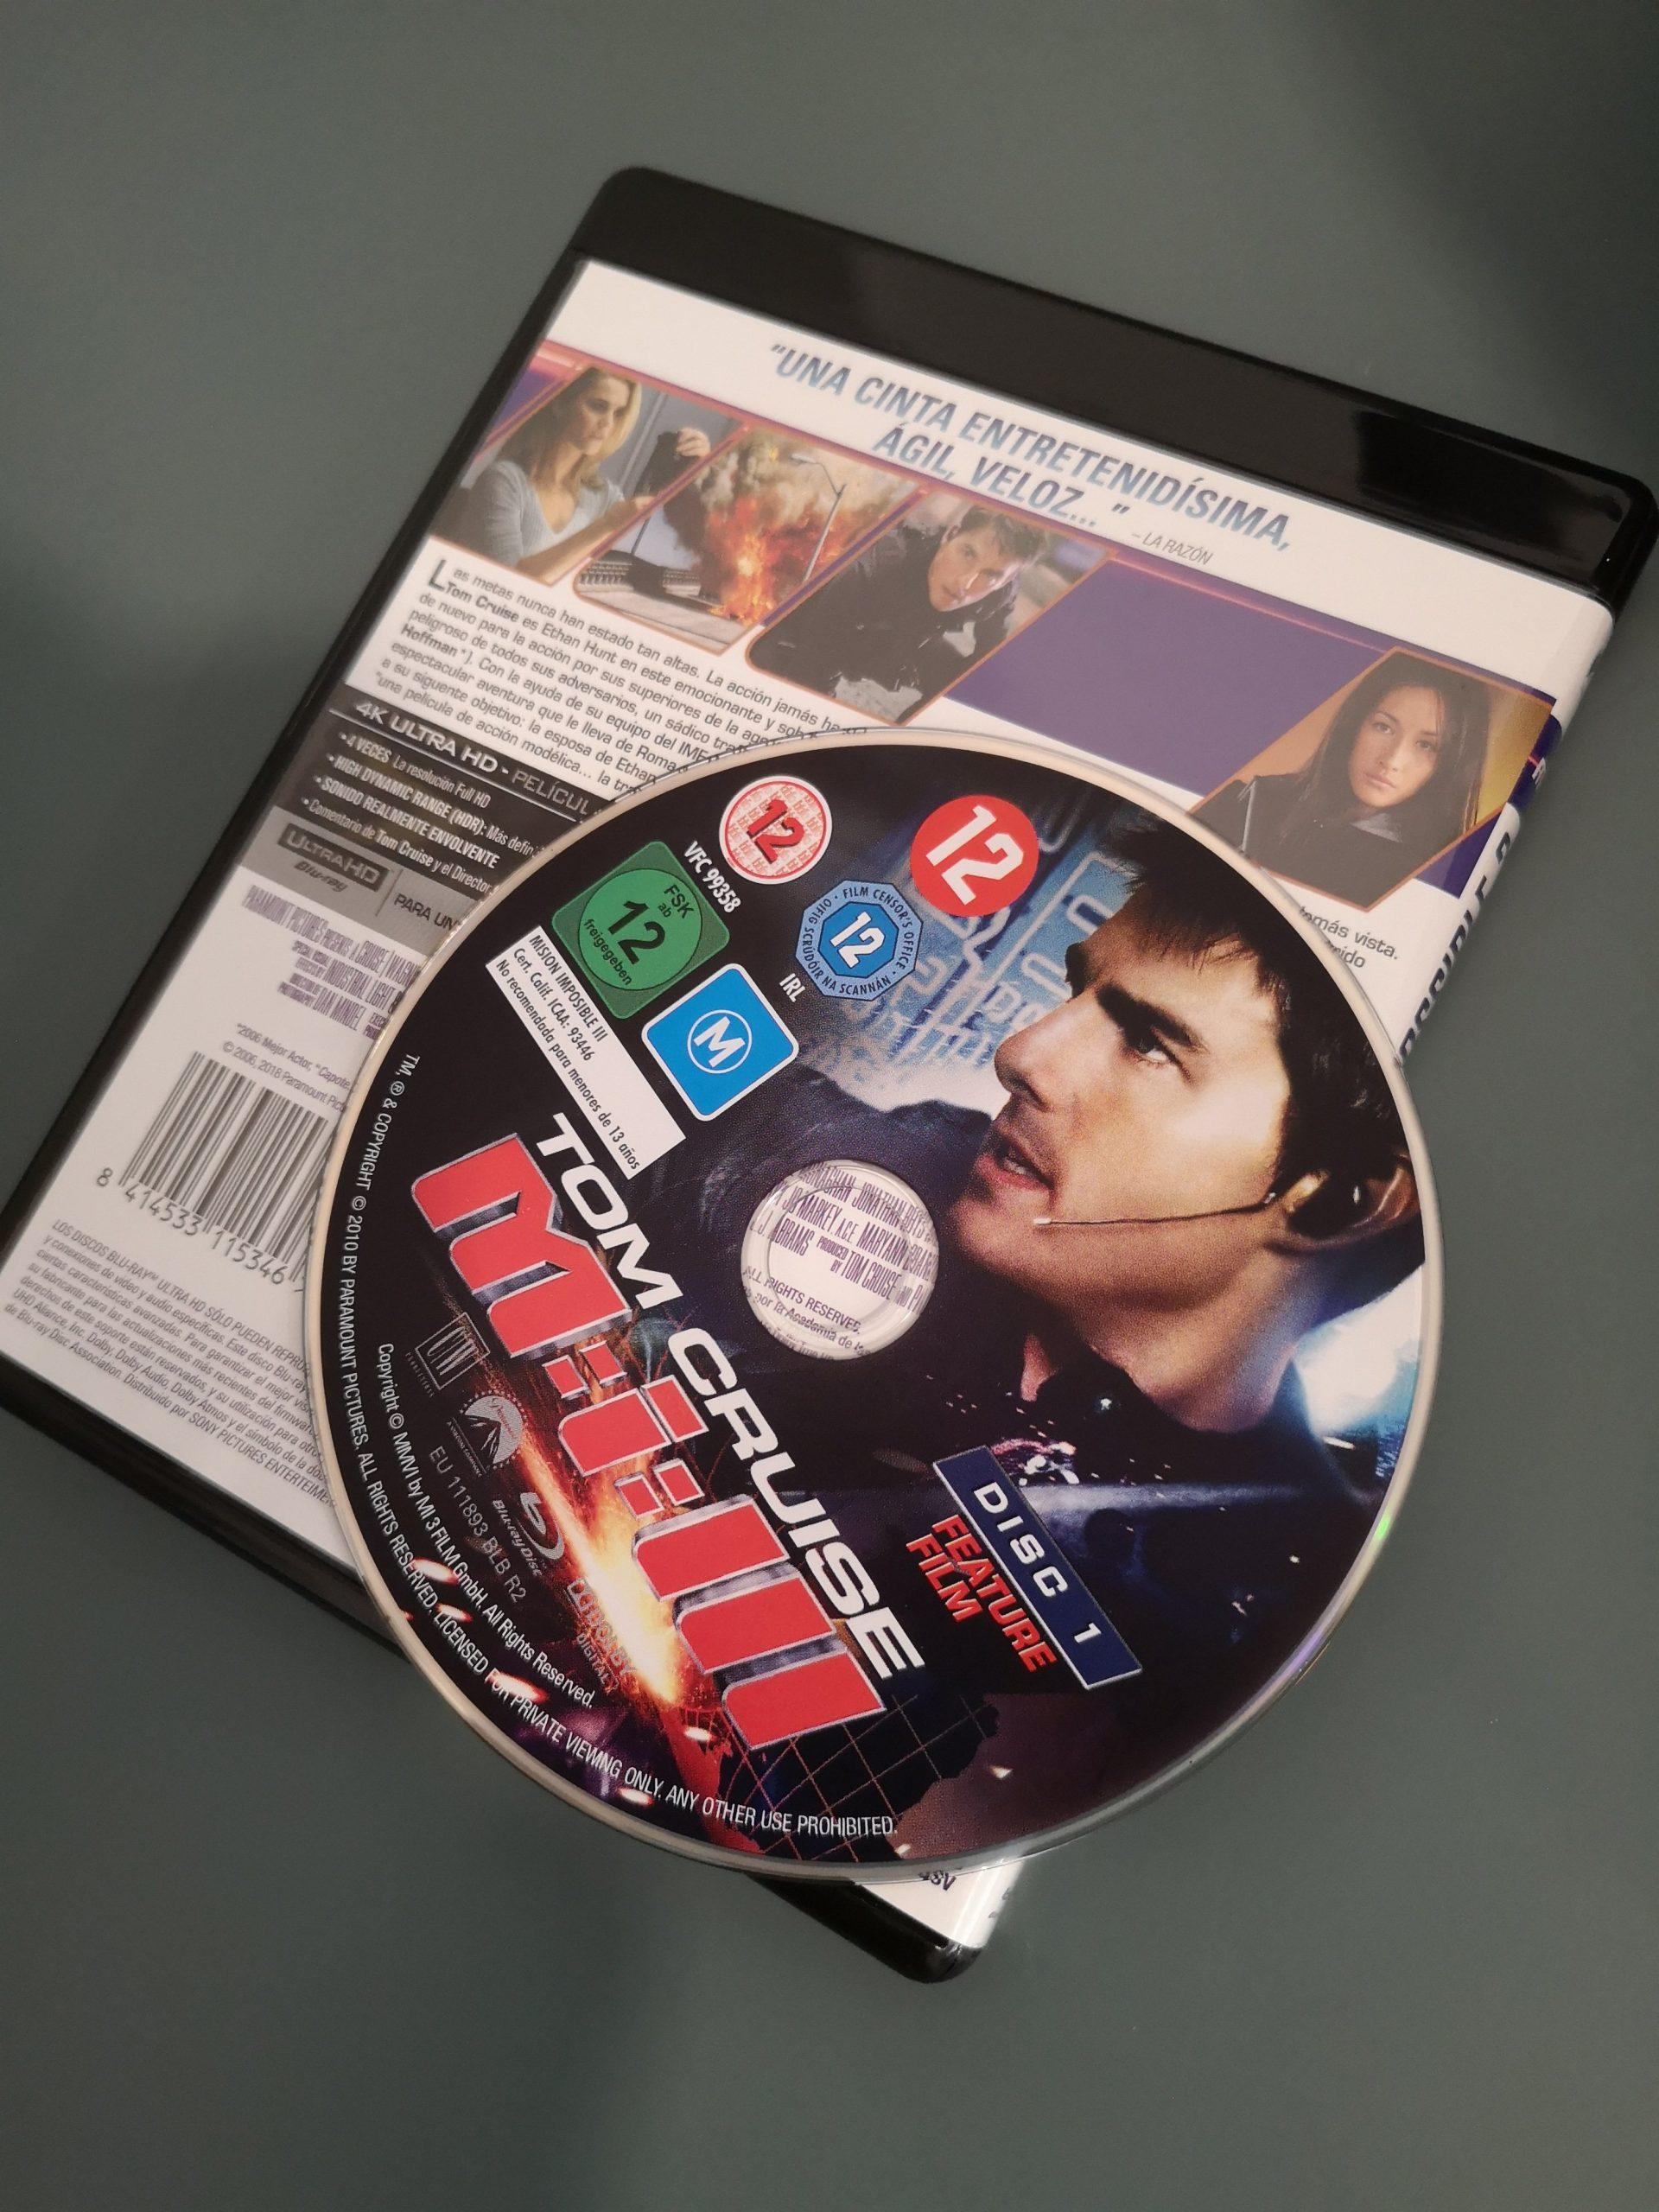 Misión Imposible 3 disco